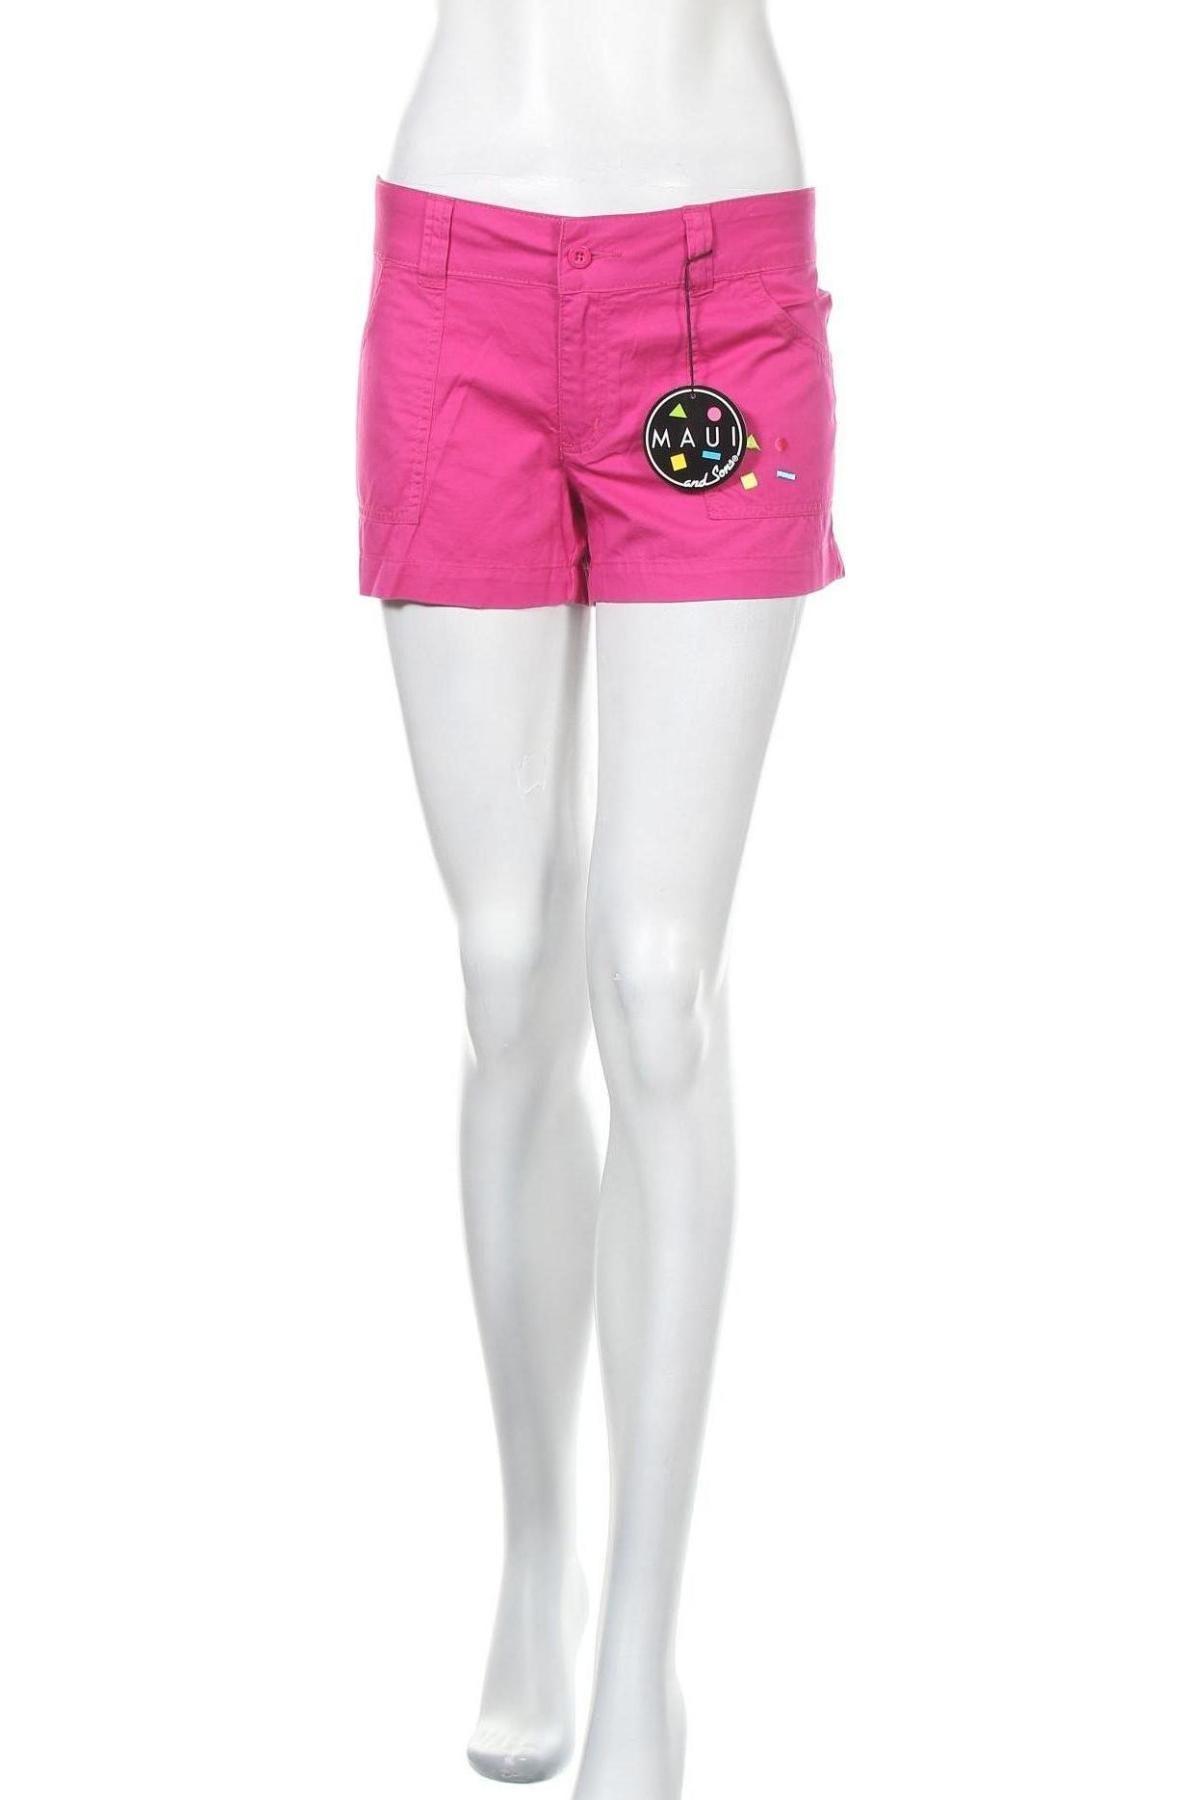 Γυναικείο κοντό παντελόνι Maui And Sons, Μέγεθος L, Χρώμα Ρόζ , Βαμβάκι, Τιμή 12,99€